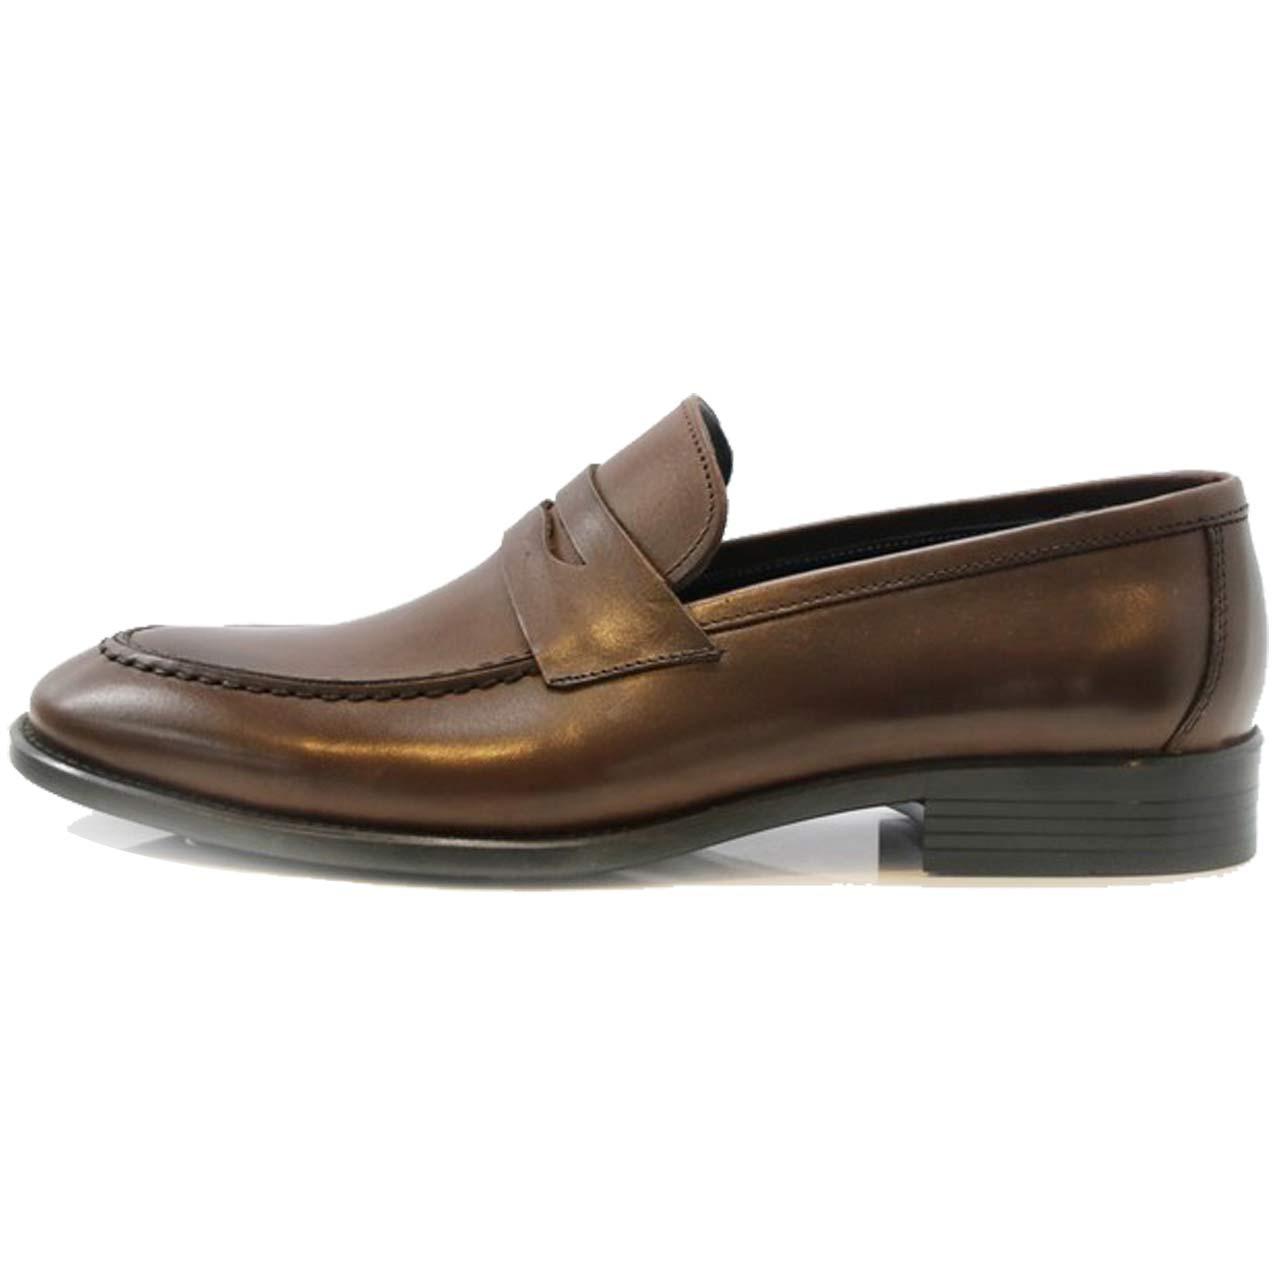 کفش مردانه پاتکان کد 702